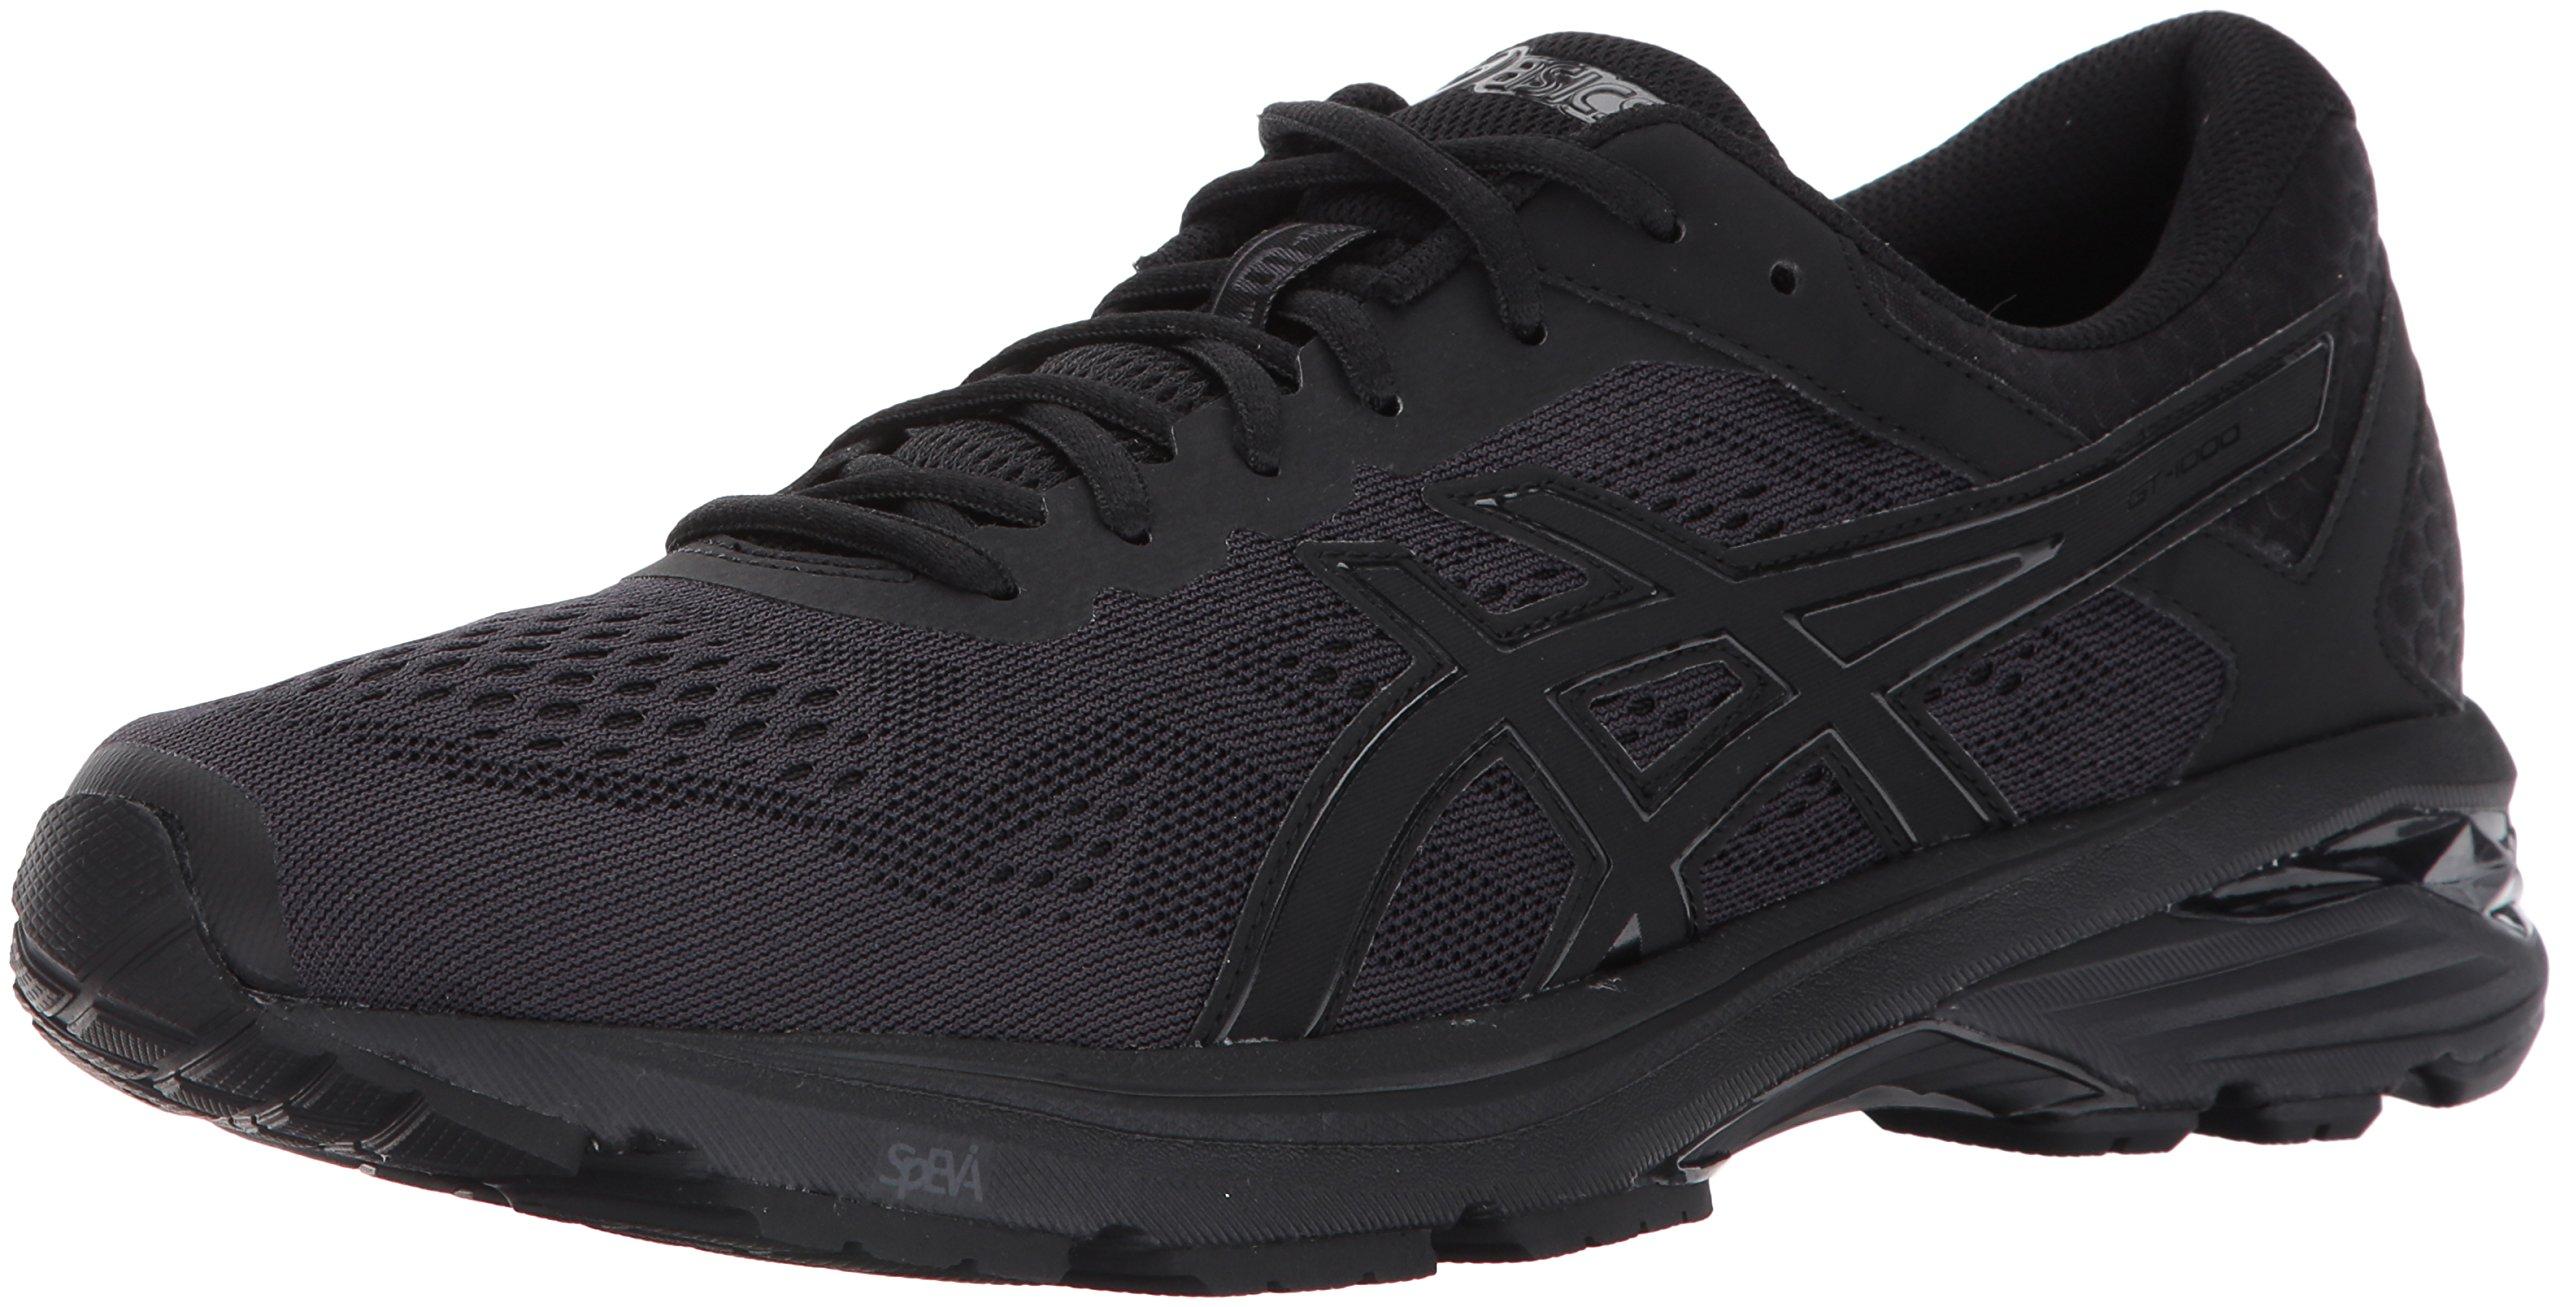 ASICS Men's GT-1000 6 Running Shoe, Black/Black/Silver, 10 Medium US